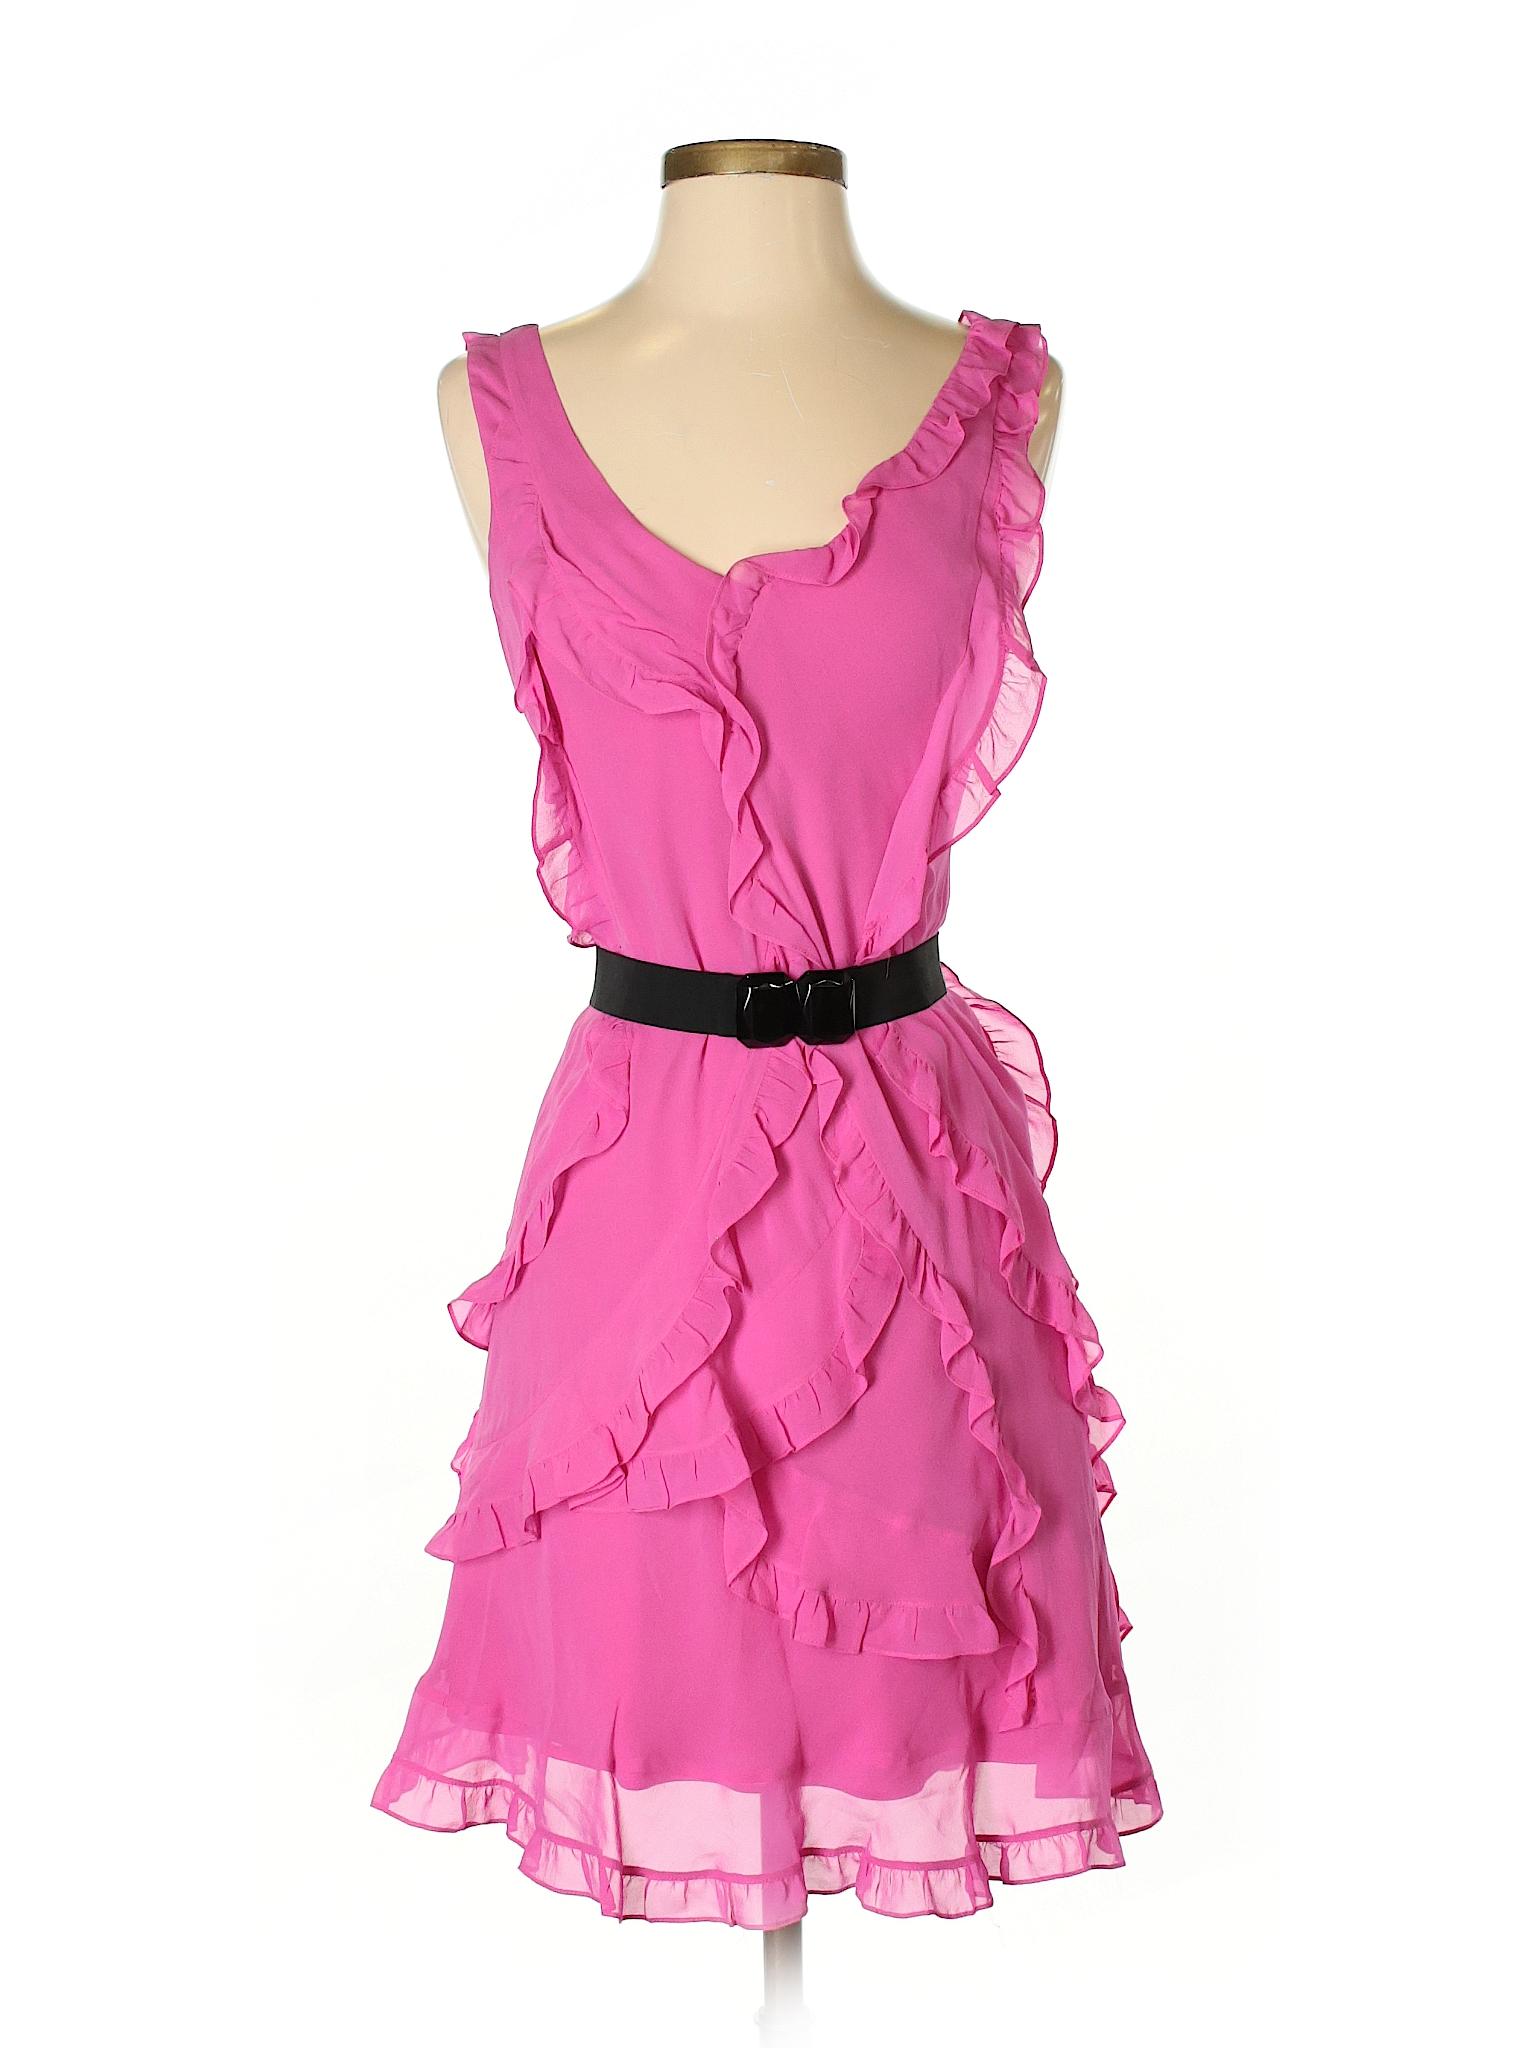 Casual BCBGMAXAZRIA BCBGMAXAZRIA Selling Dress Casual BCBGMAXAZRIA Selling Selling Selling Selling Casual Dress BCBGMAXAZRIA Dress Casual Dress Uw1Fa1